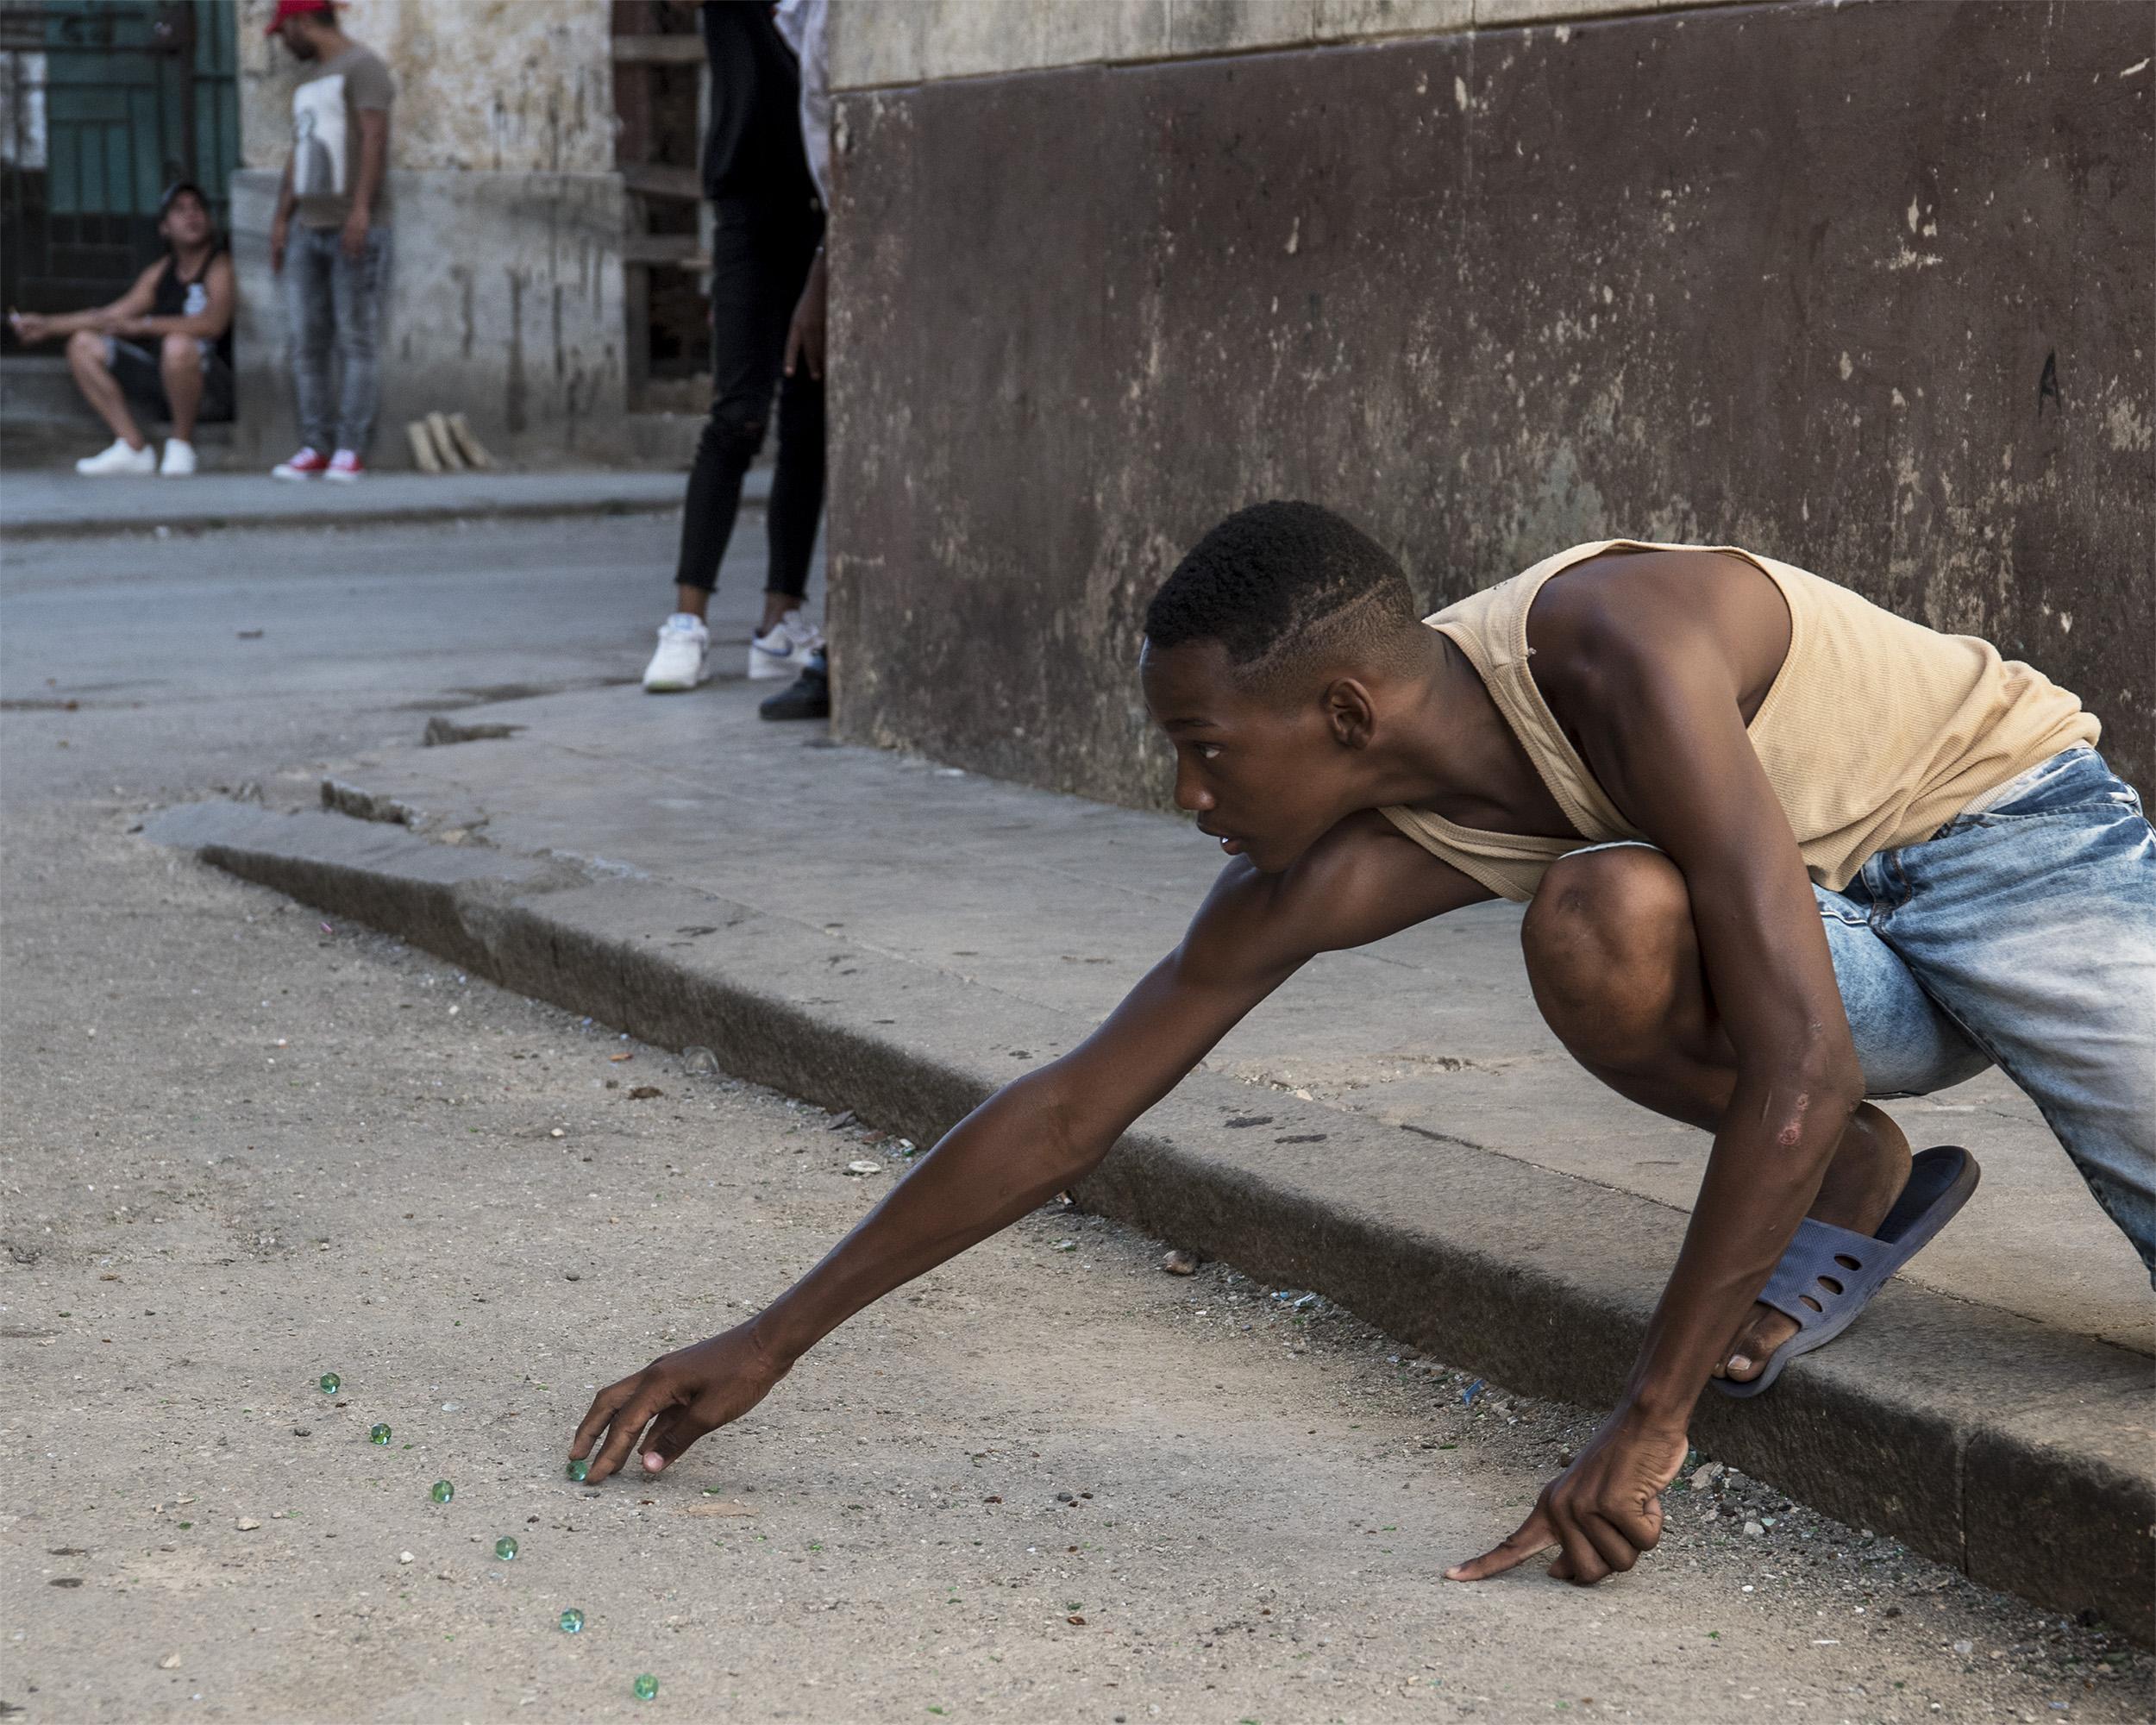 Havana_LGP_7597_2500x2000_72_10.jpg